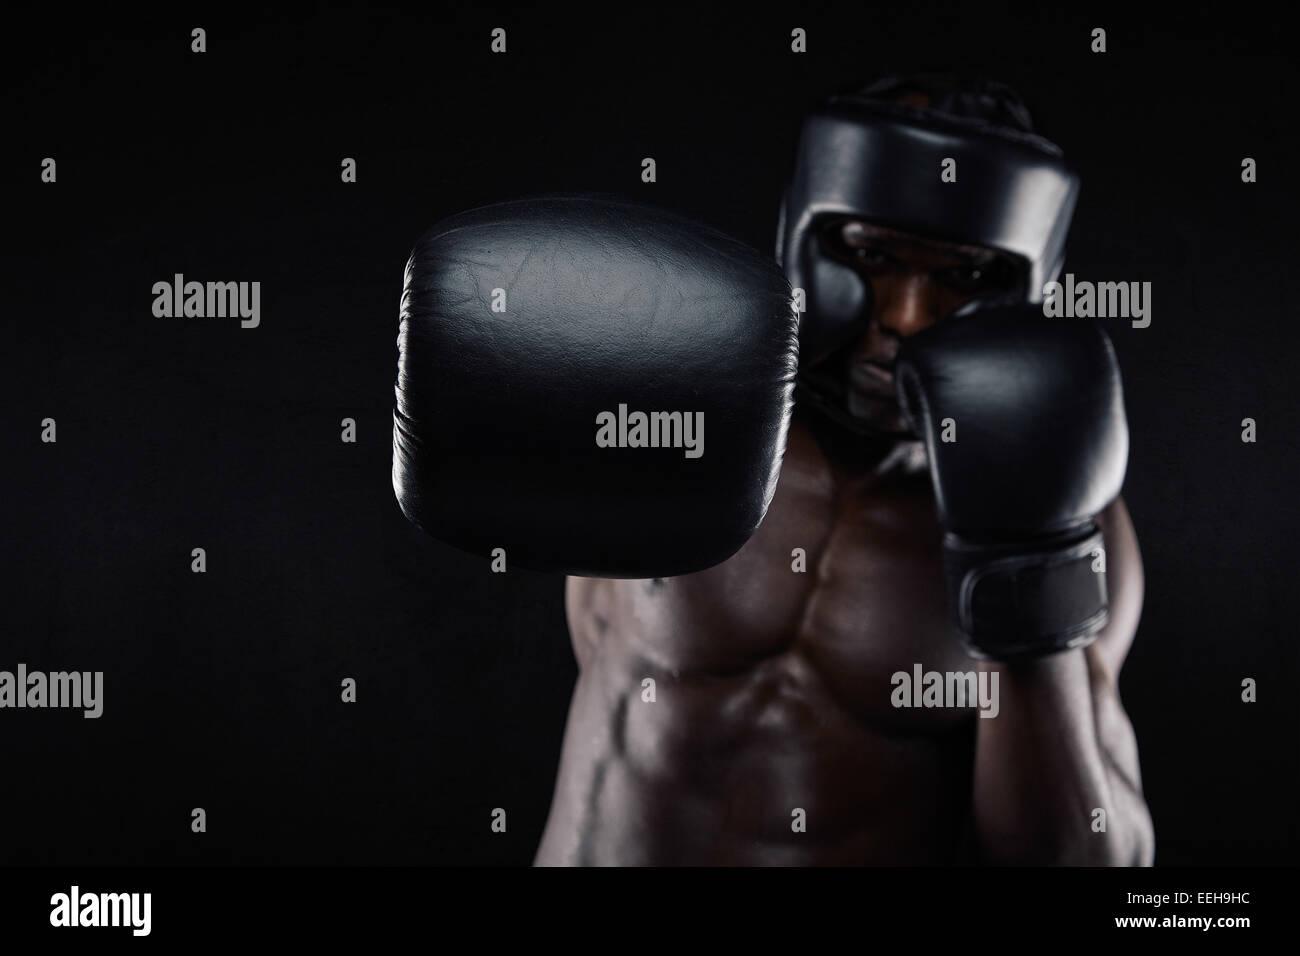 Jeune homme musclé pratiquer la boxe. African Male lancer punch vers la caméra à l'arrière Photo Stock